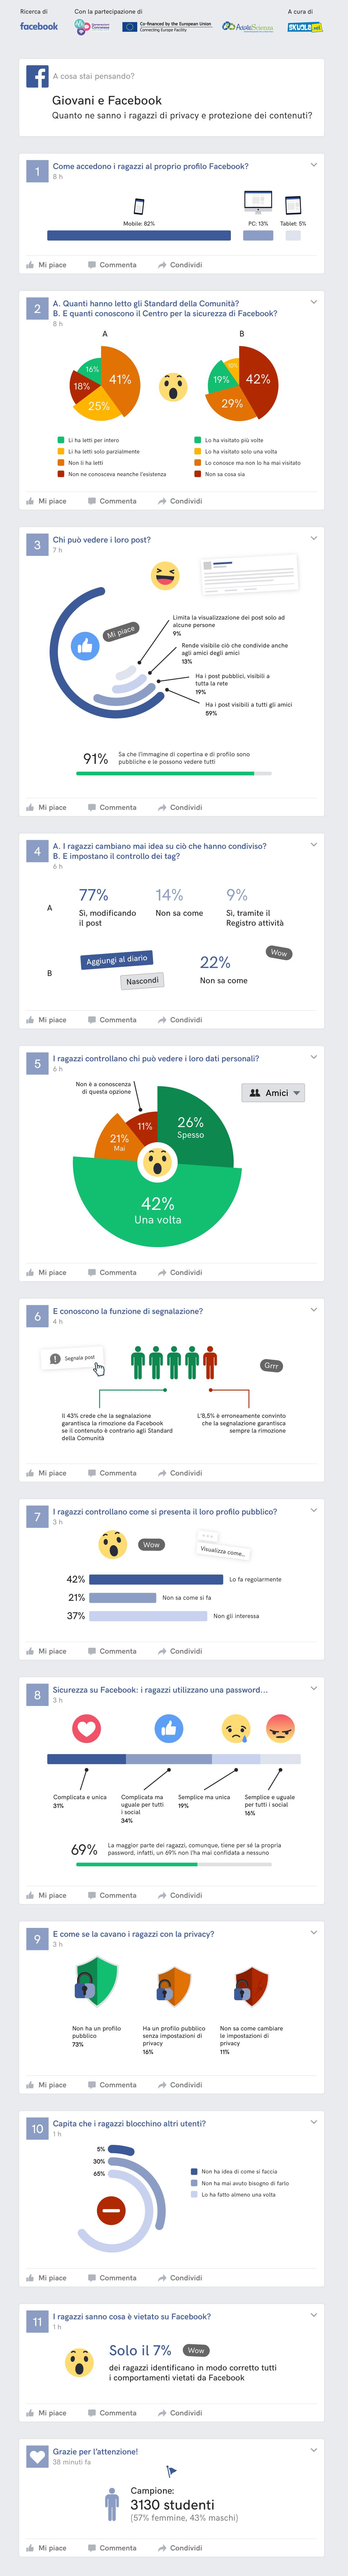 Skuolanet-facebook